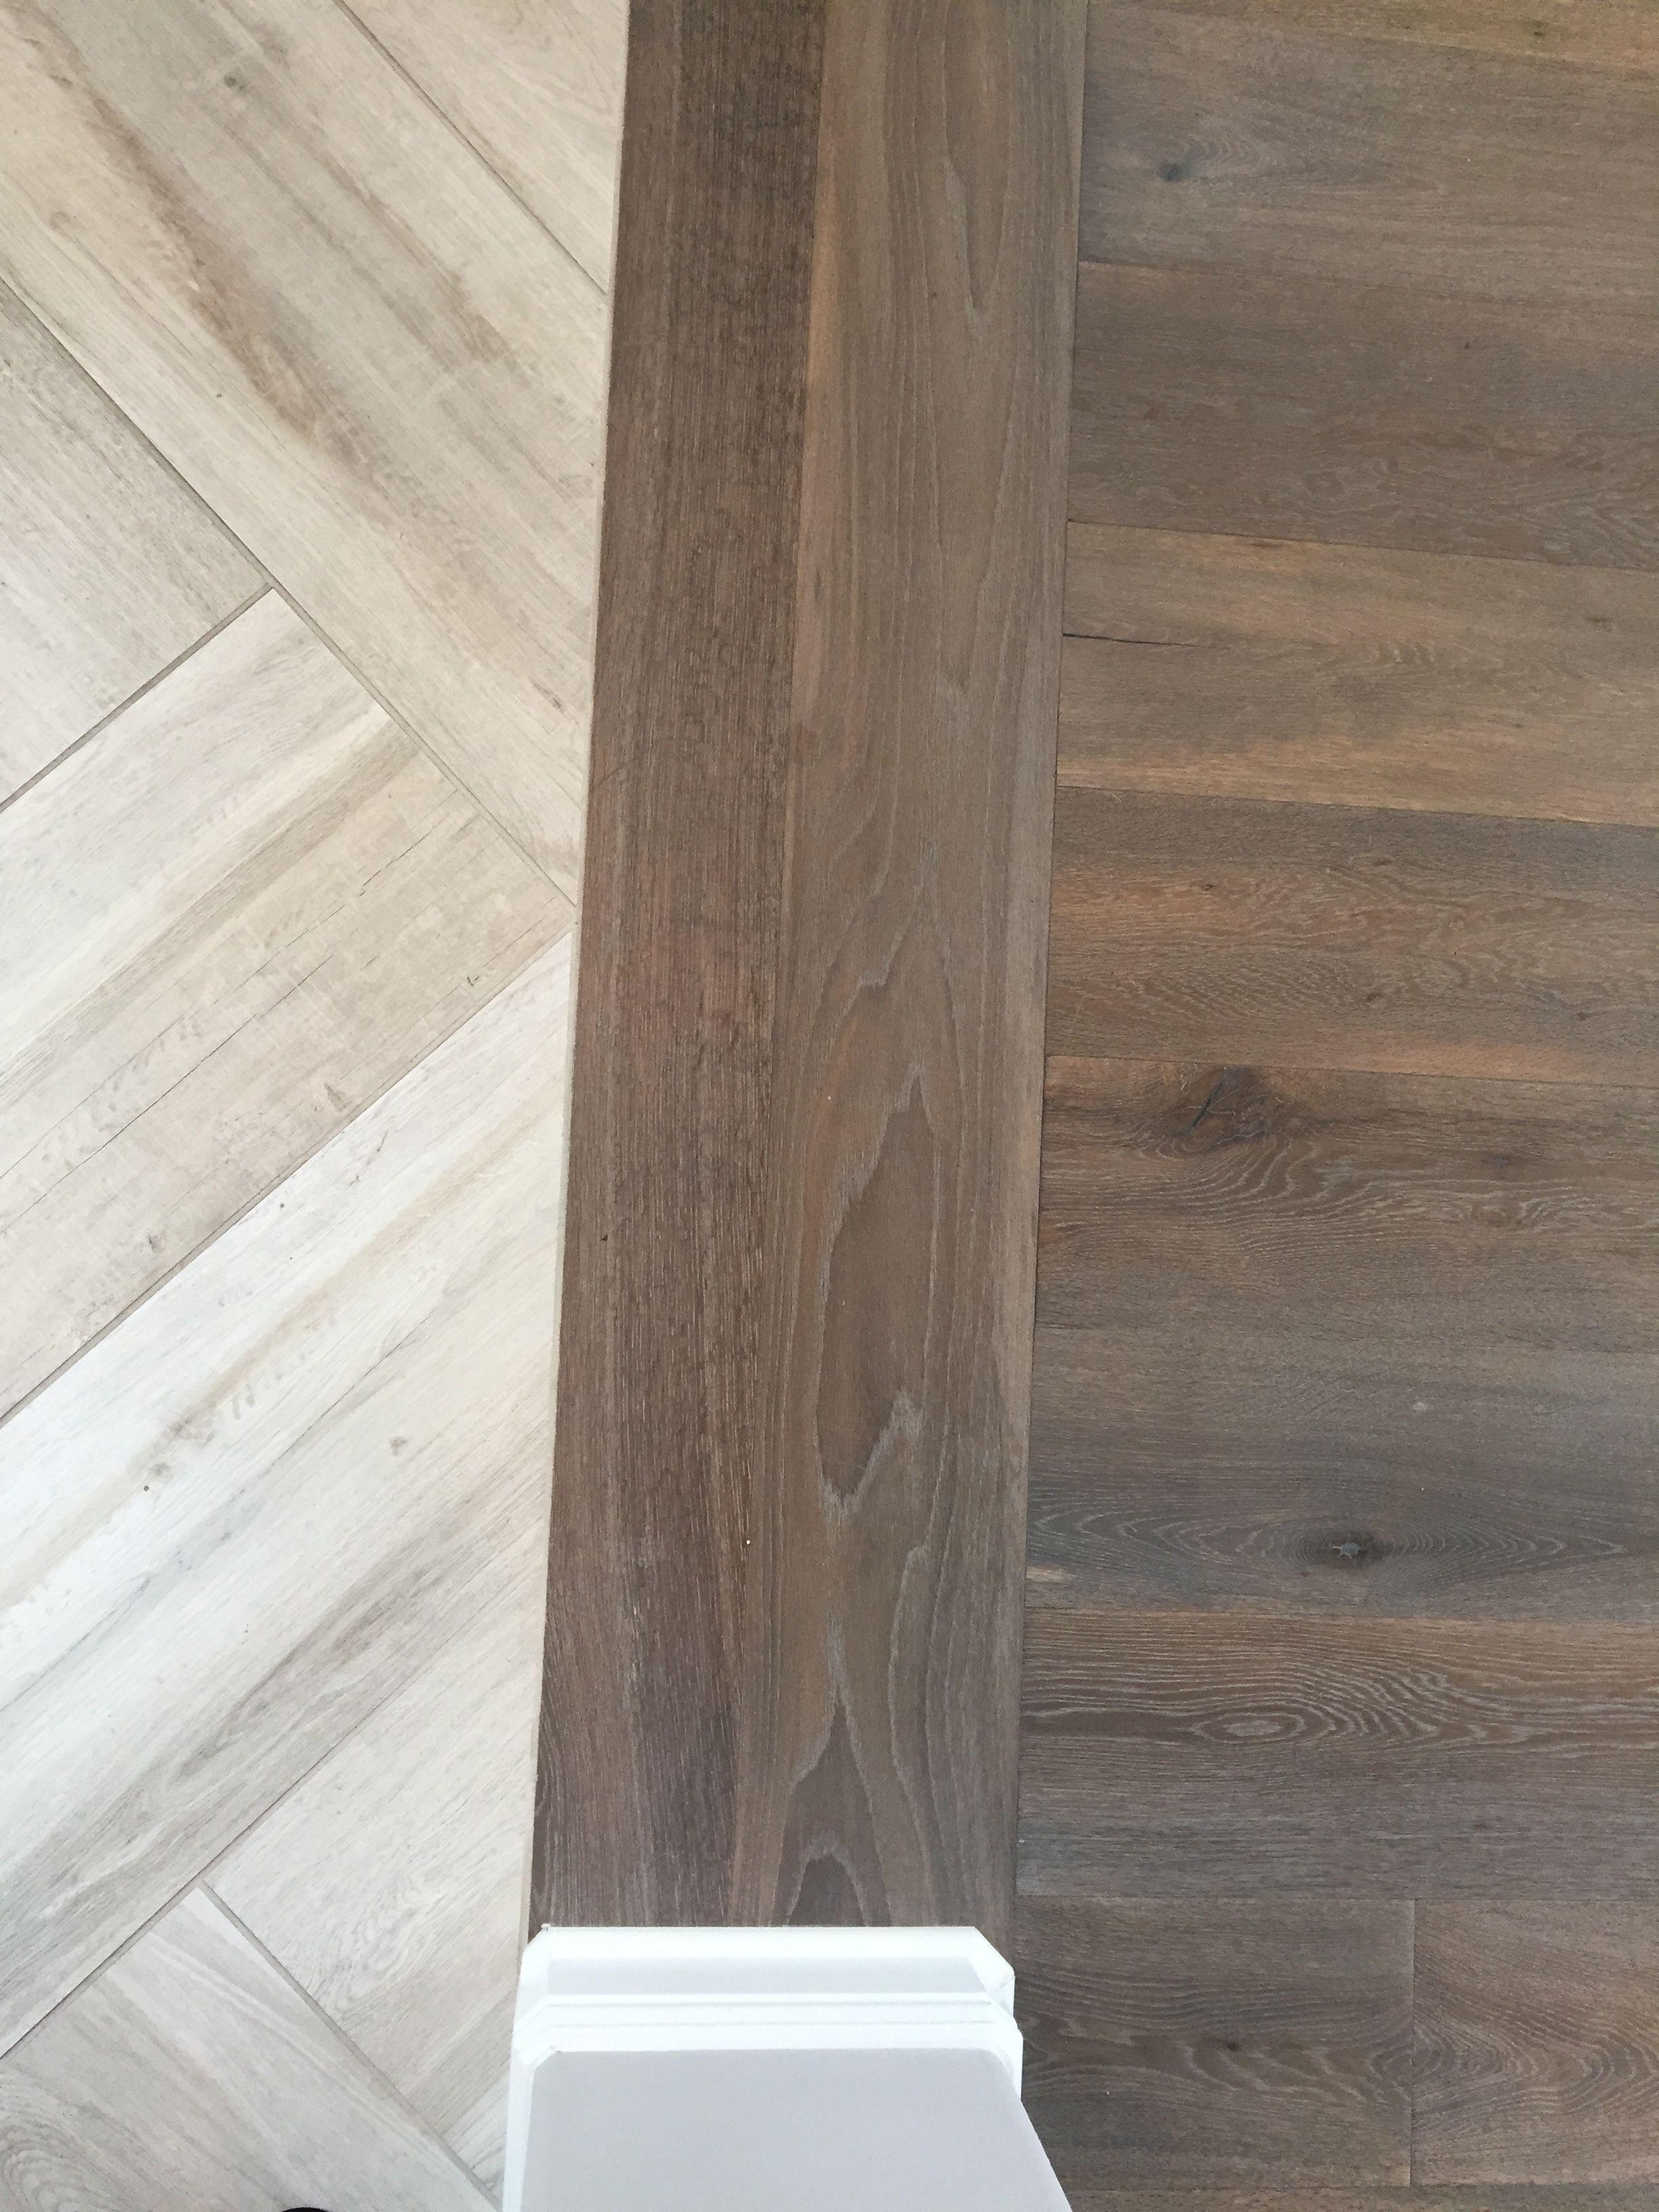 can i refinish hardwood floors myself of floor transition laminate to herringbone tile pattern model in floor transition laminate to herringbone tile pattern herringbone tile pattern herringbone wood floor